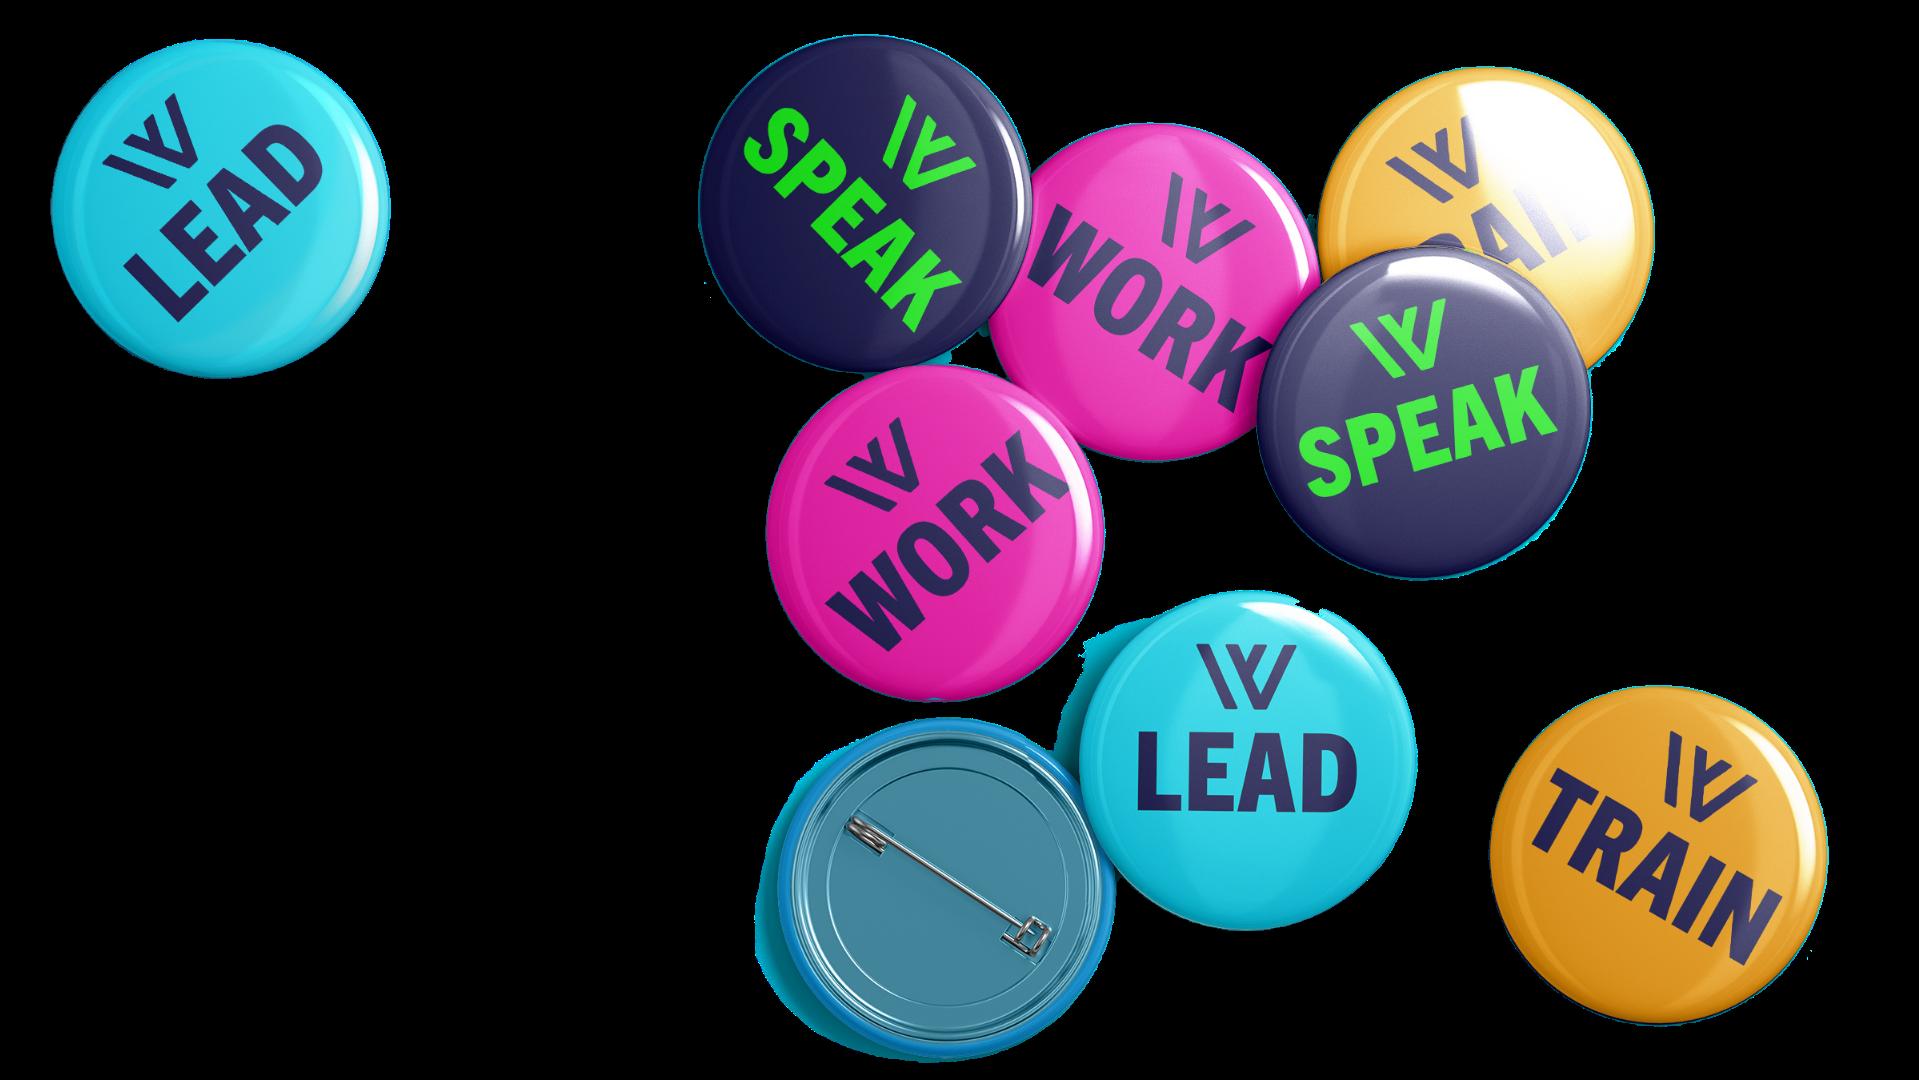 Workplaceless Leadplaceless Trainplaceless course icons